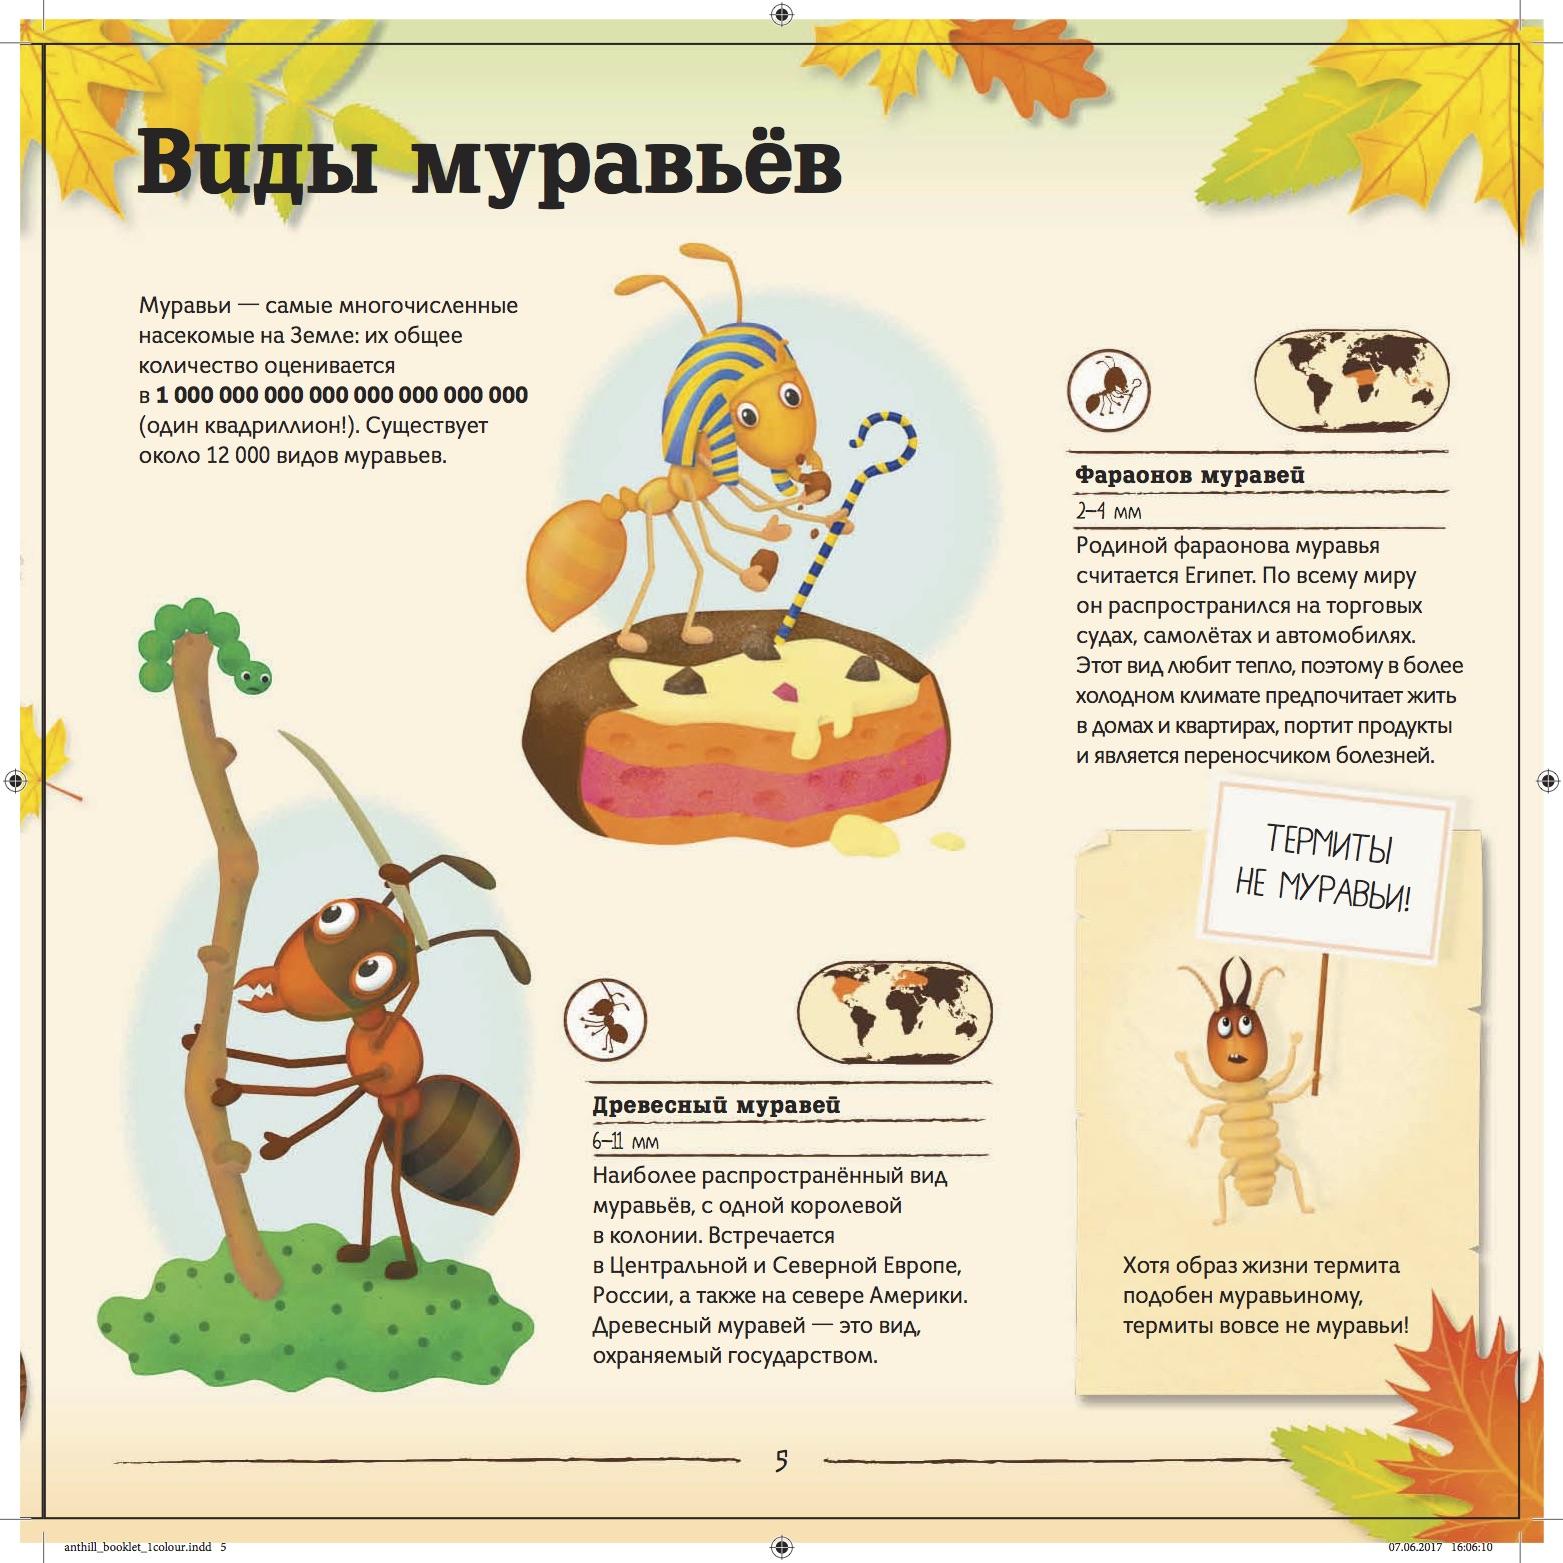 Удивительные факты о муравьях